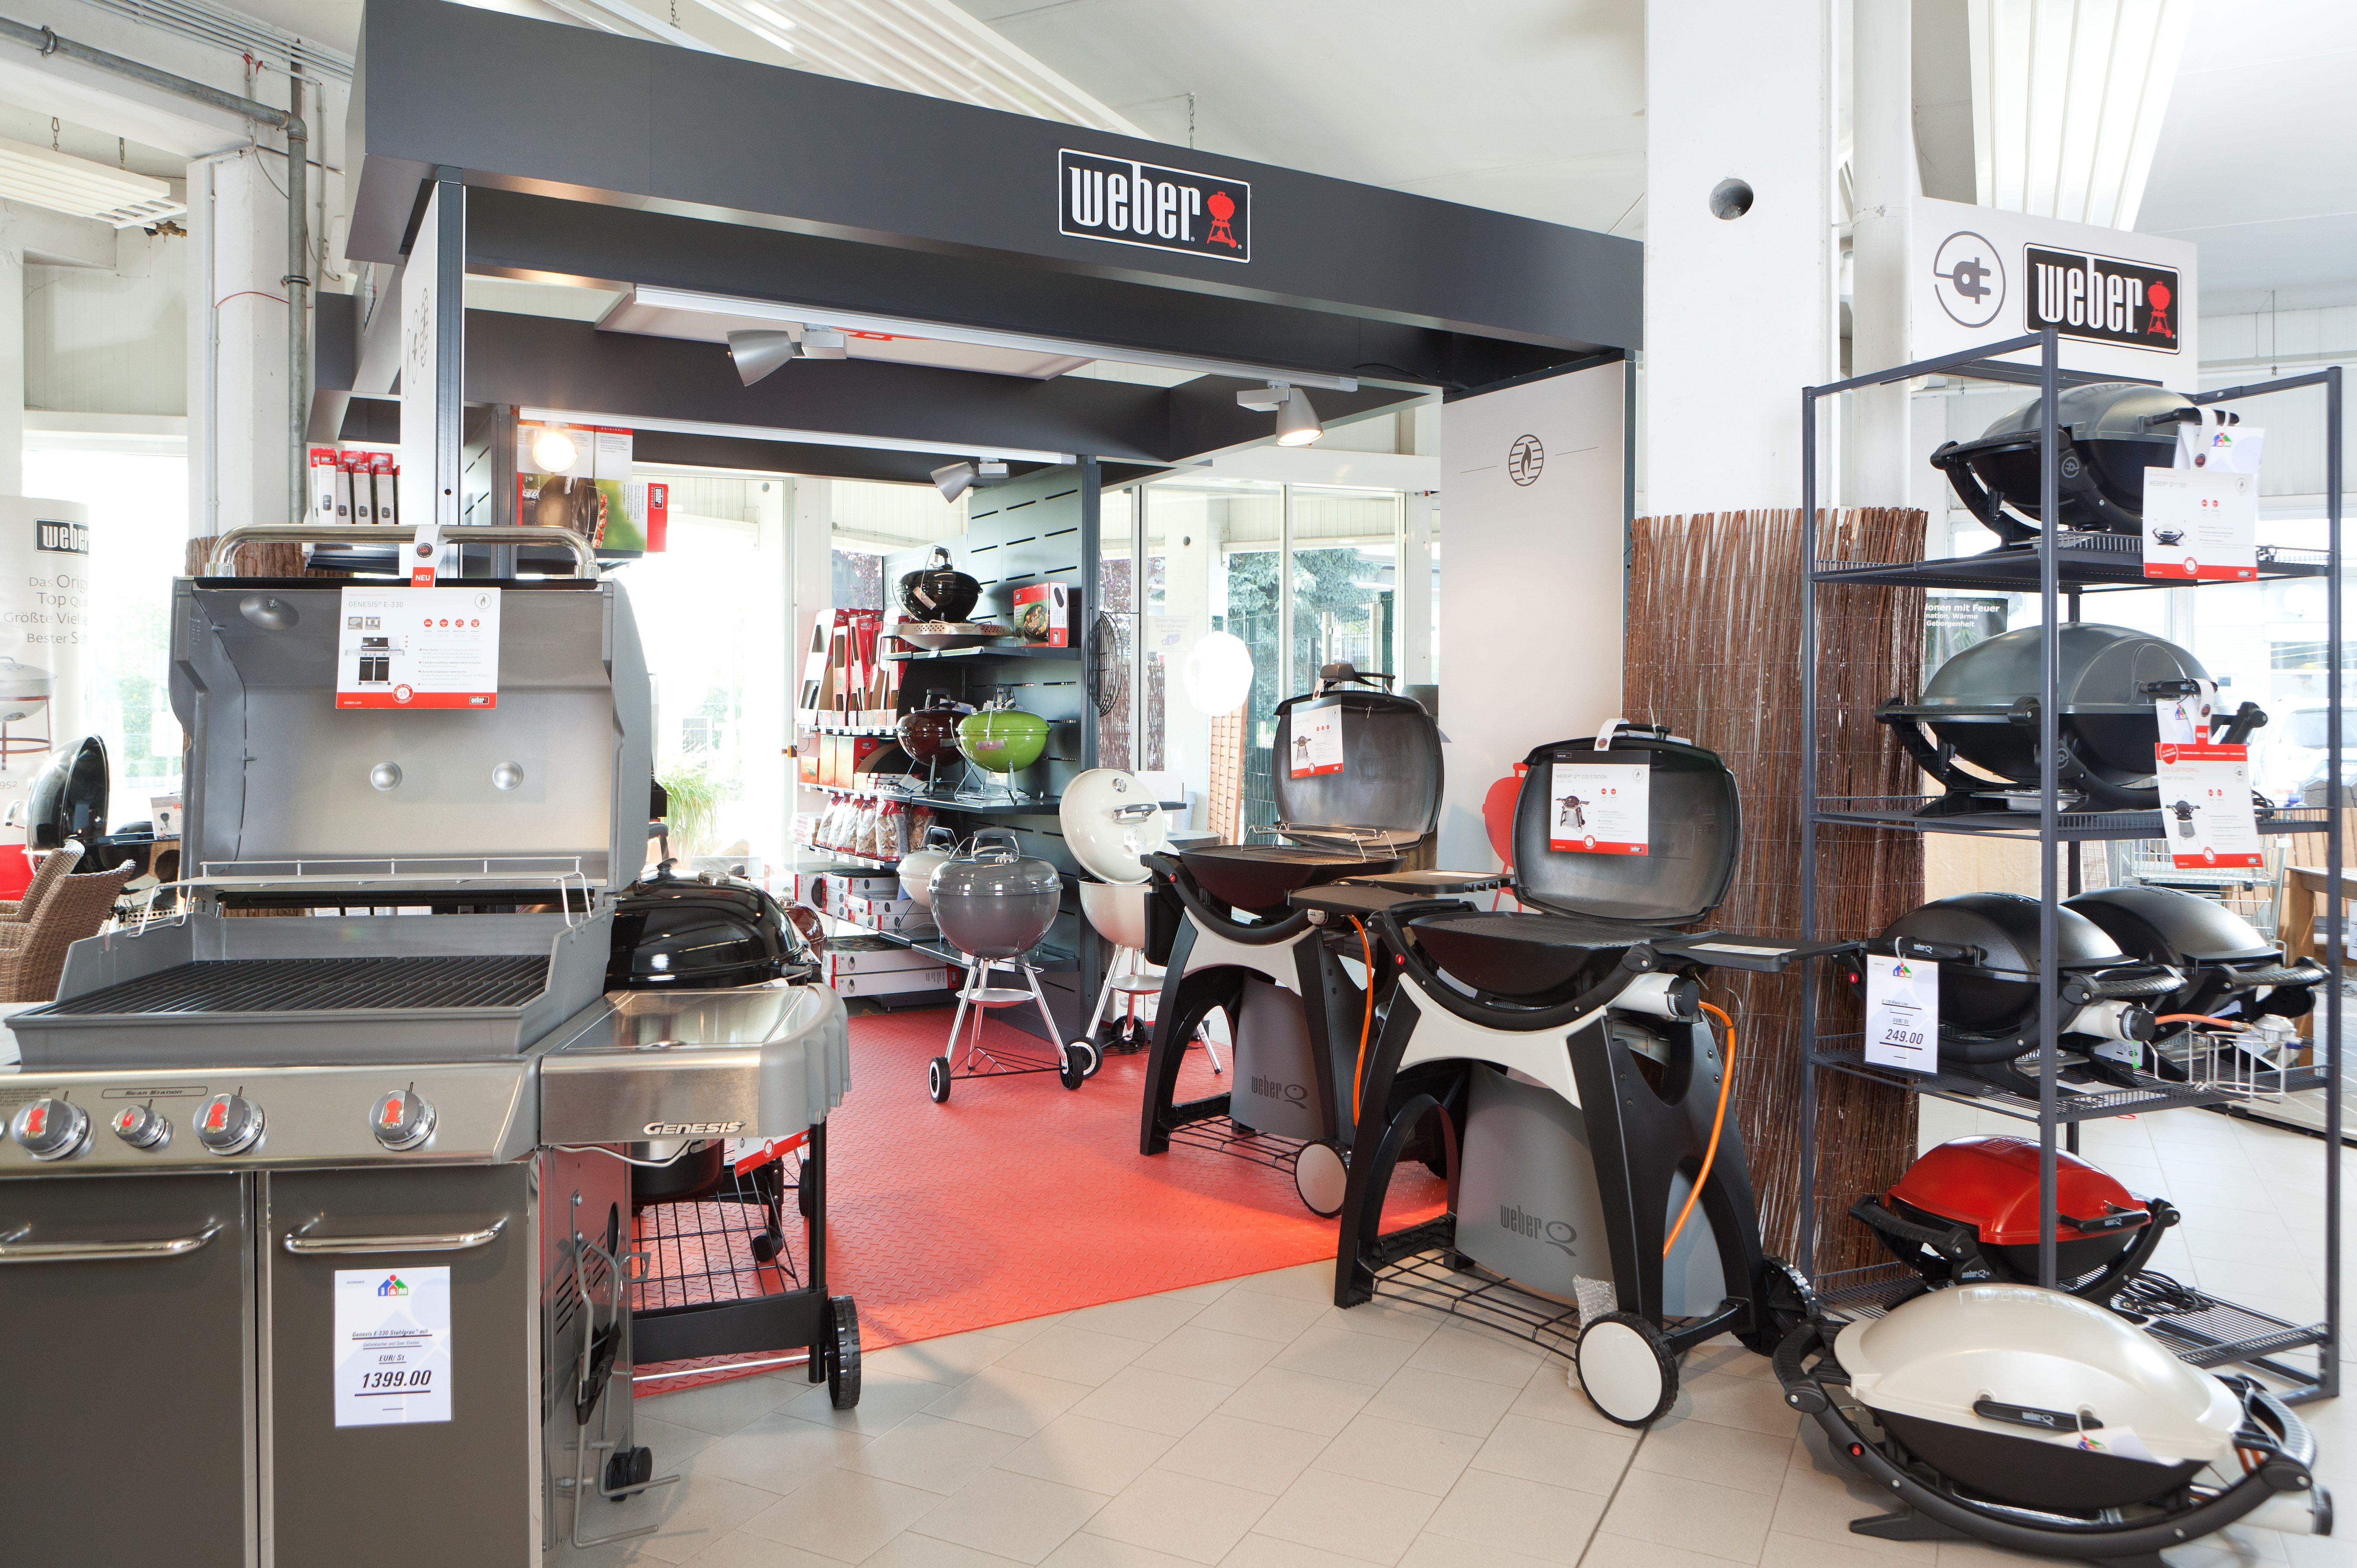 weber bbq grill shop ideed gustile pinterest. Black Bedroom Furniture Sets. Home Design Ideas